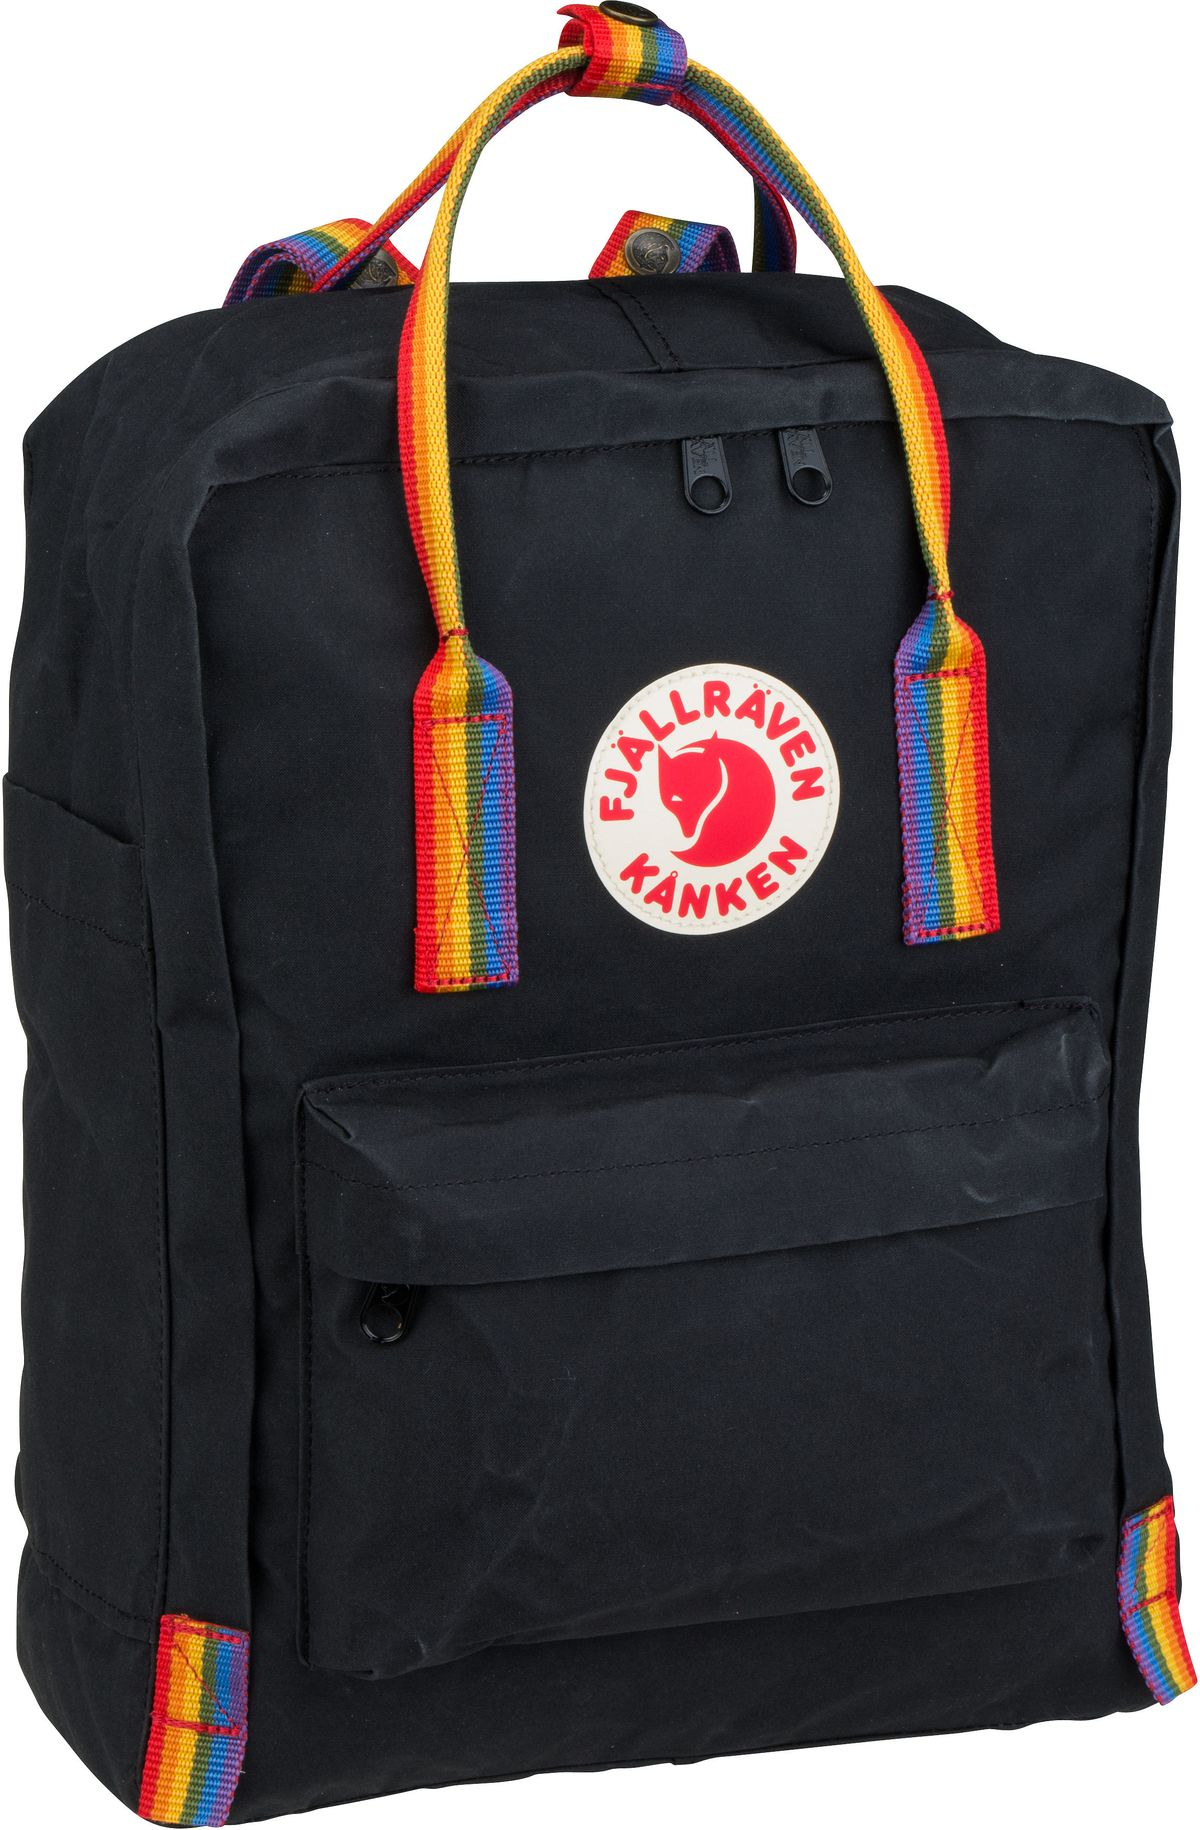 Rucksack / Daypack Kanken Rainbow Black/Rainbow Pattern (16 Liter)